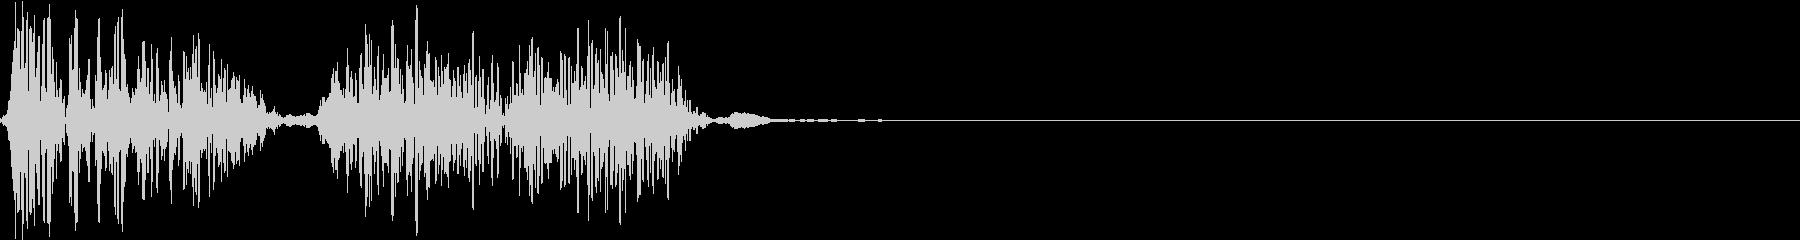 宇宙人の鳴き声3の未再生の波形